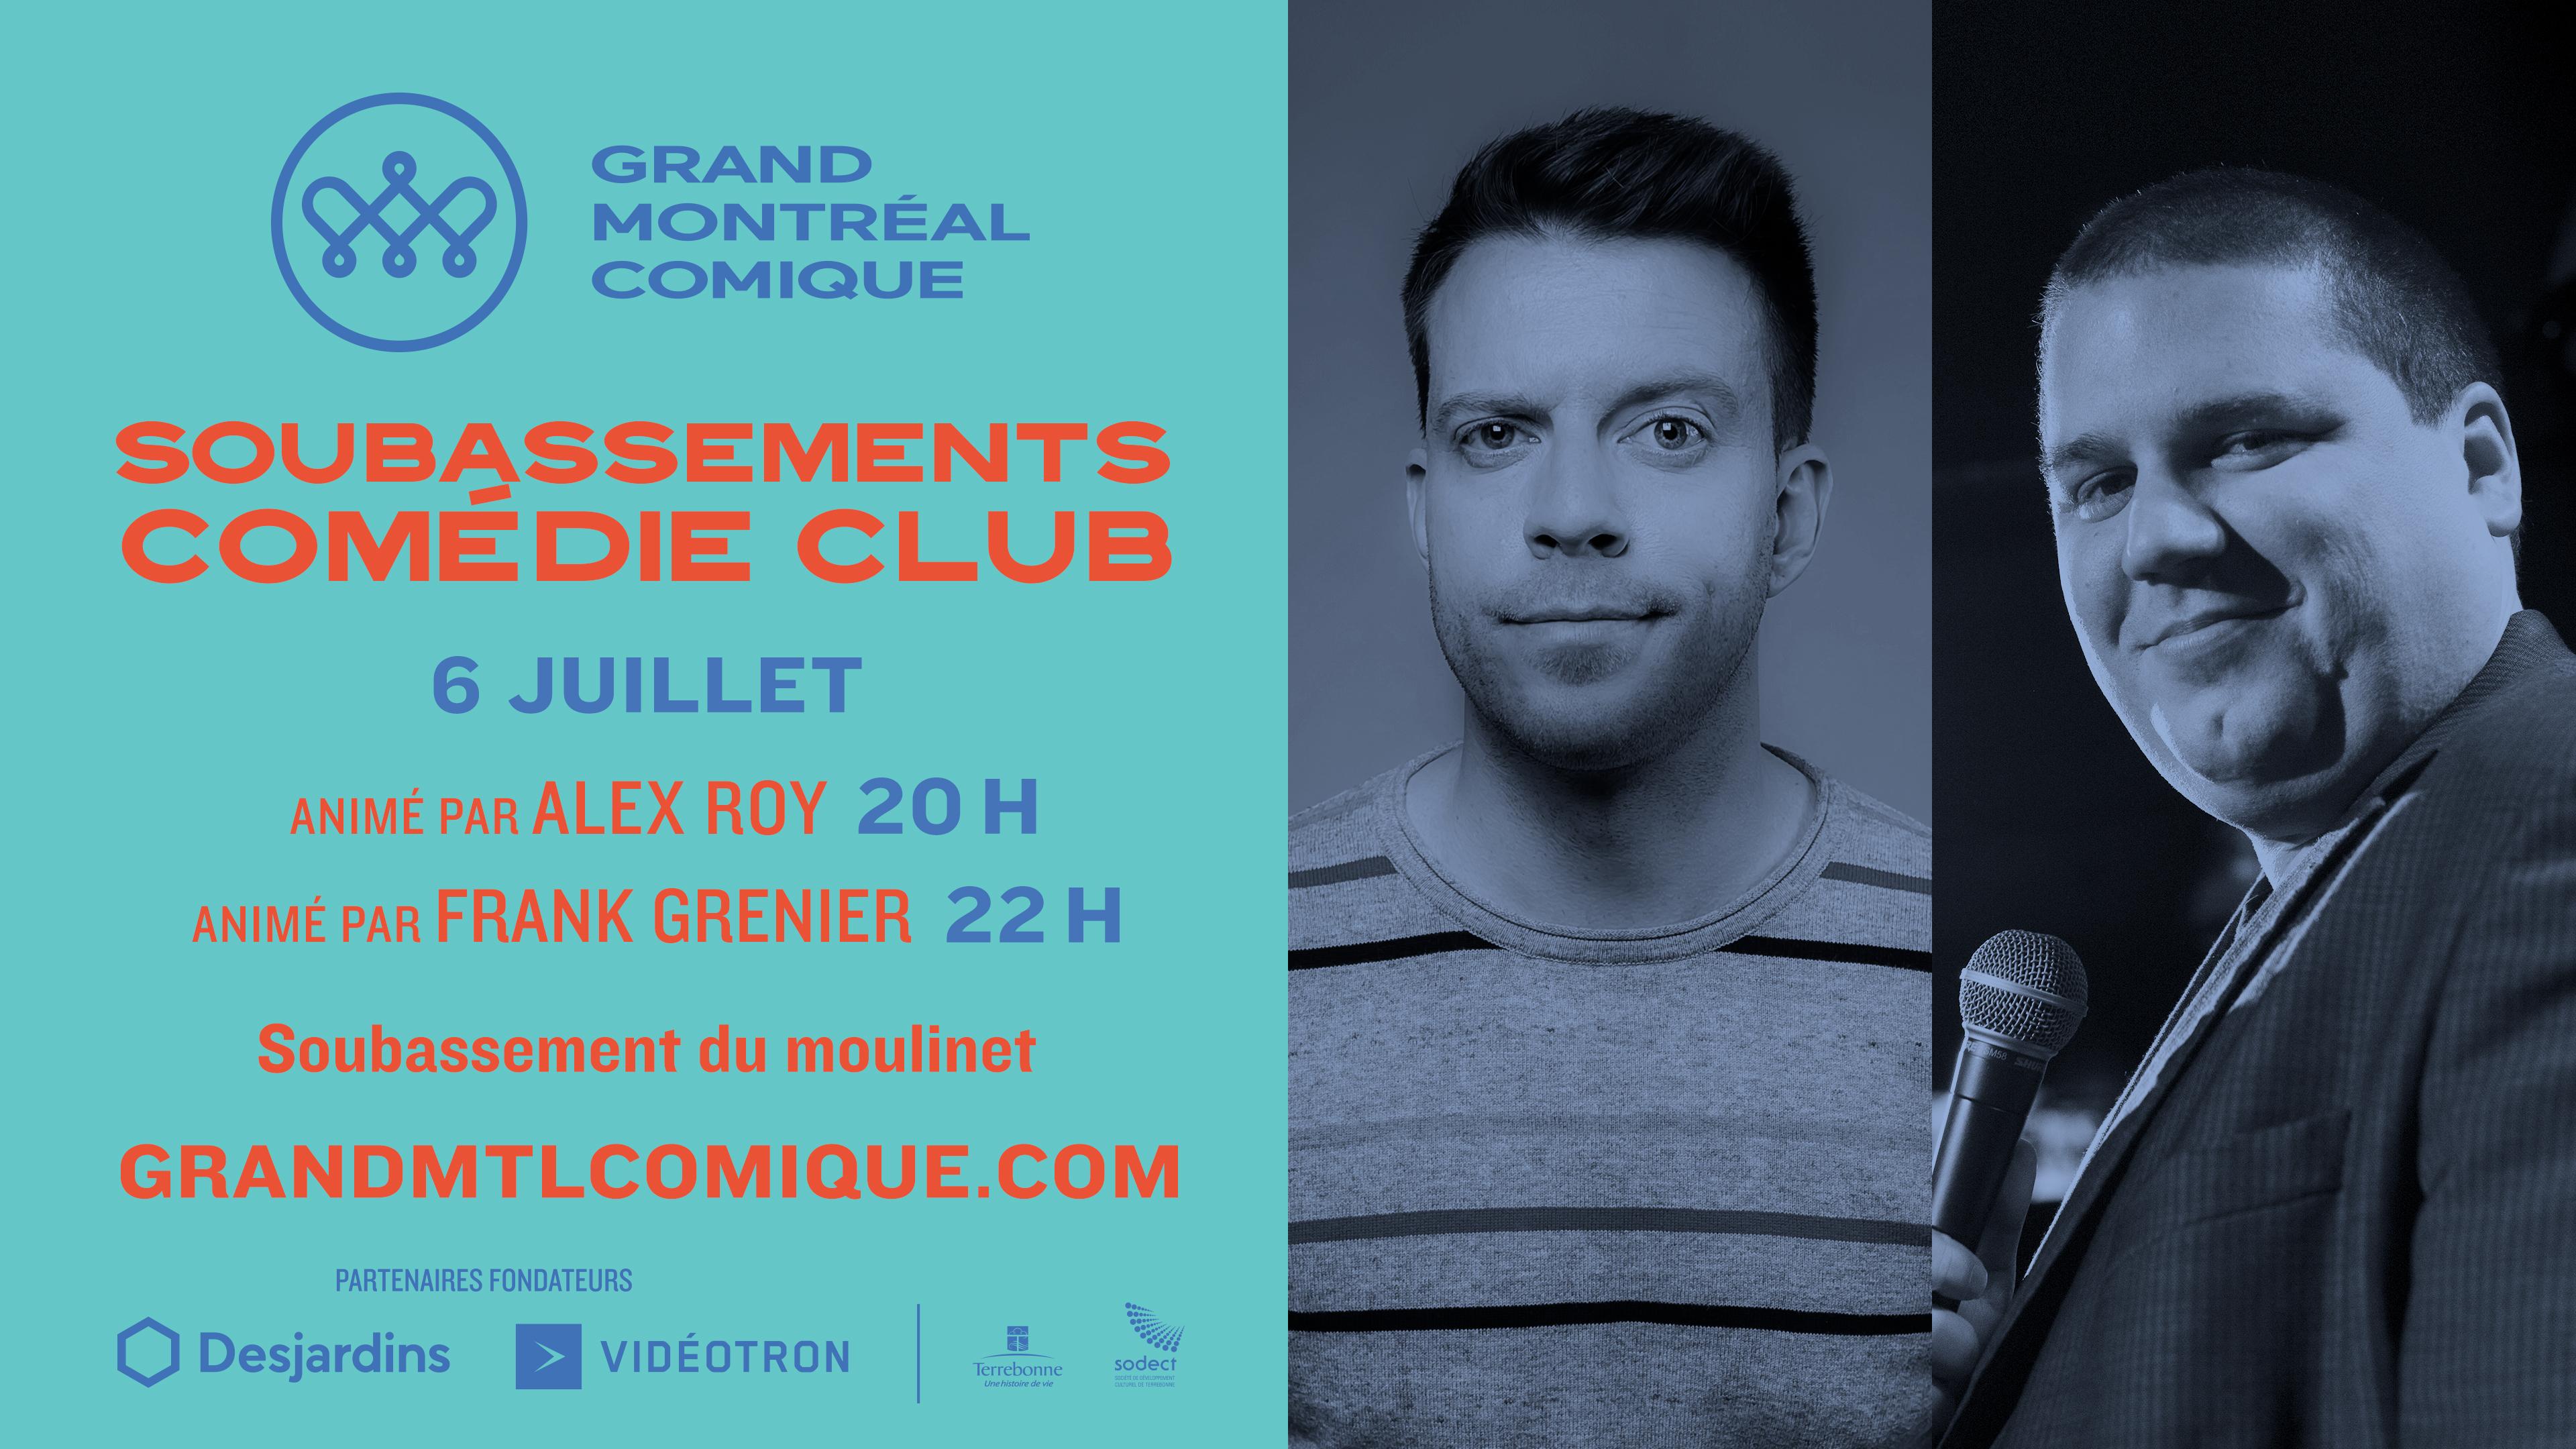 Soubassement Comédie club